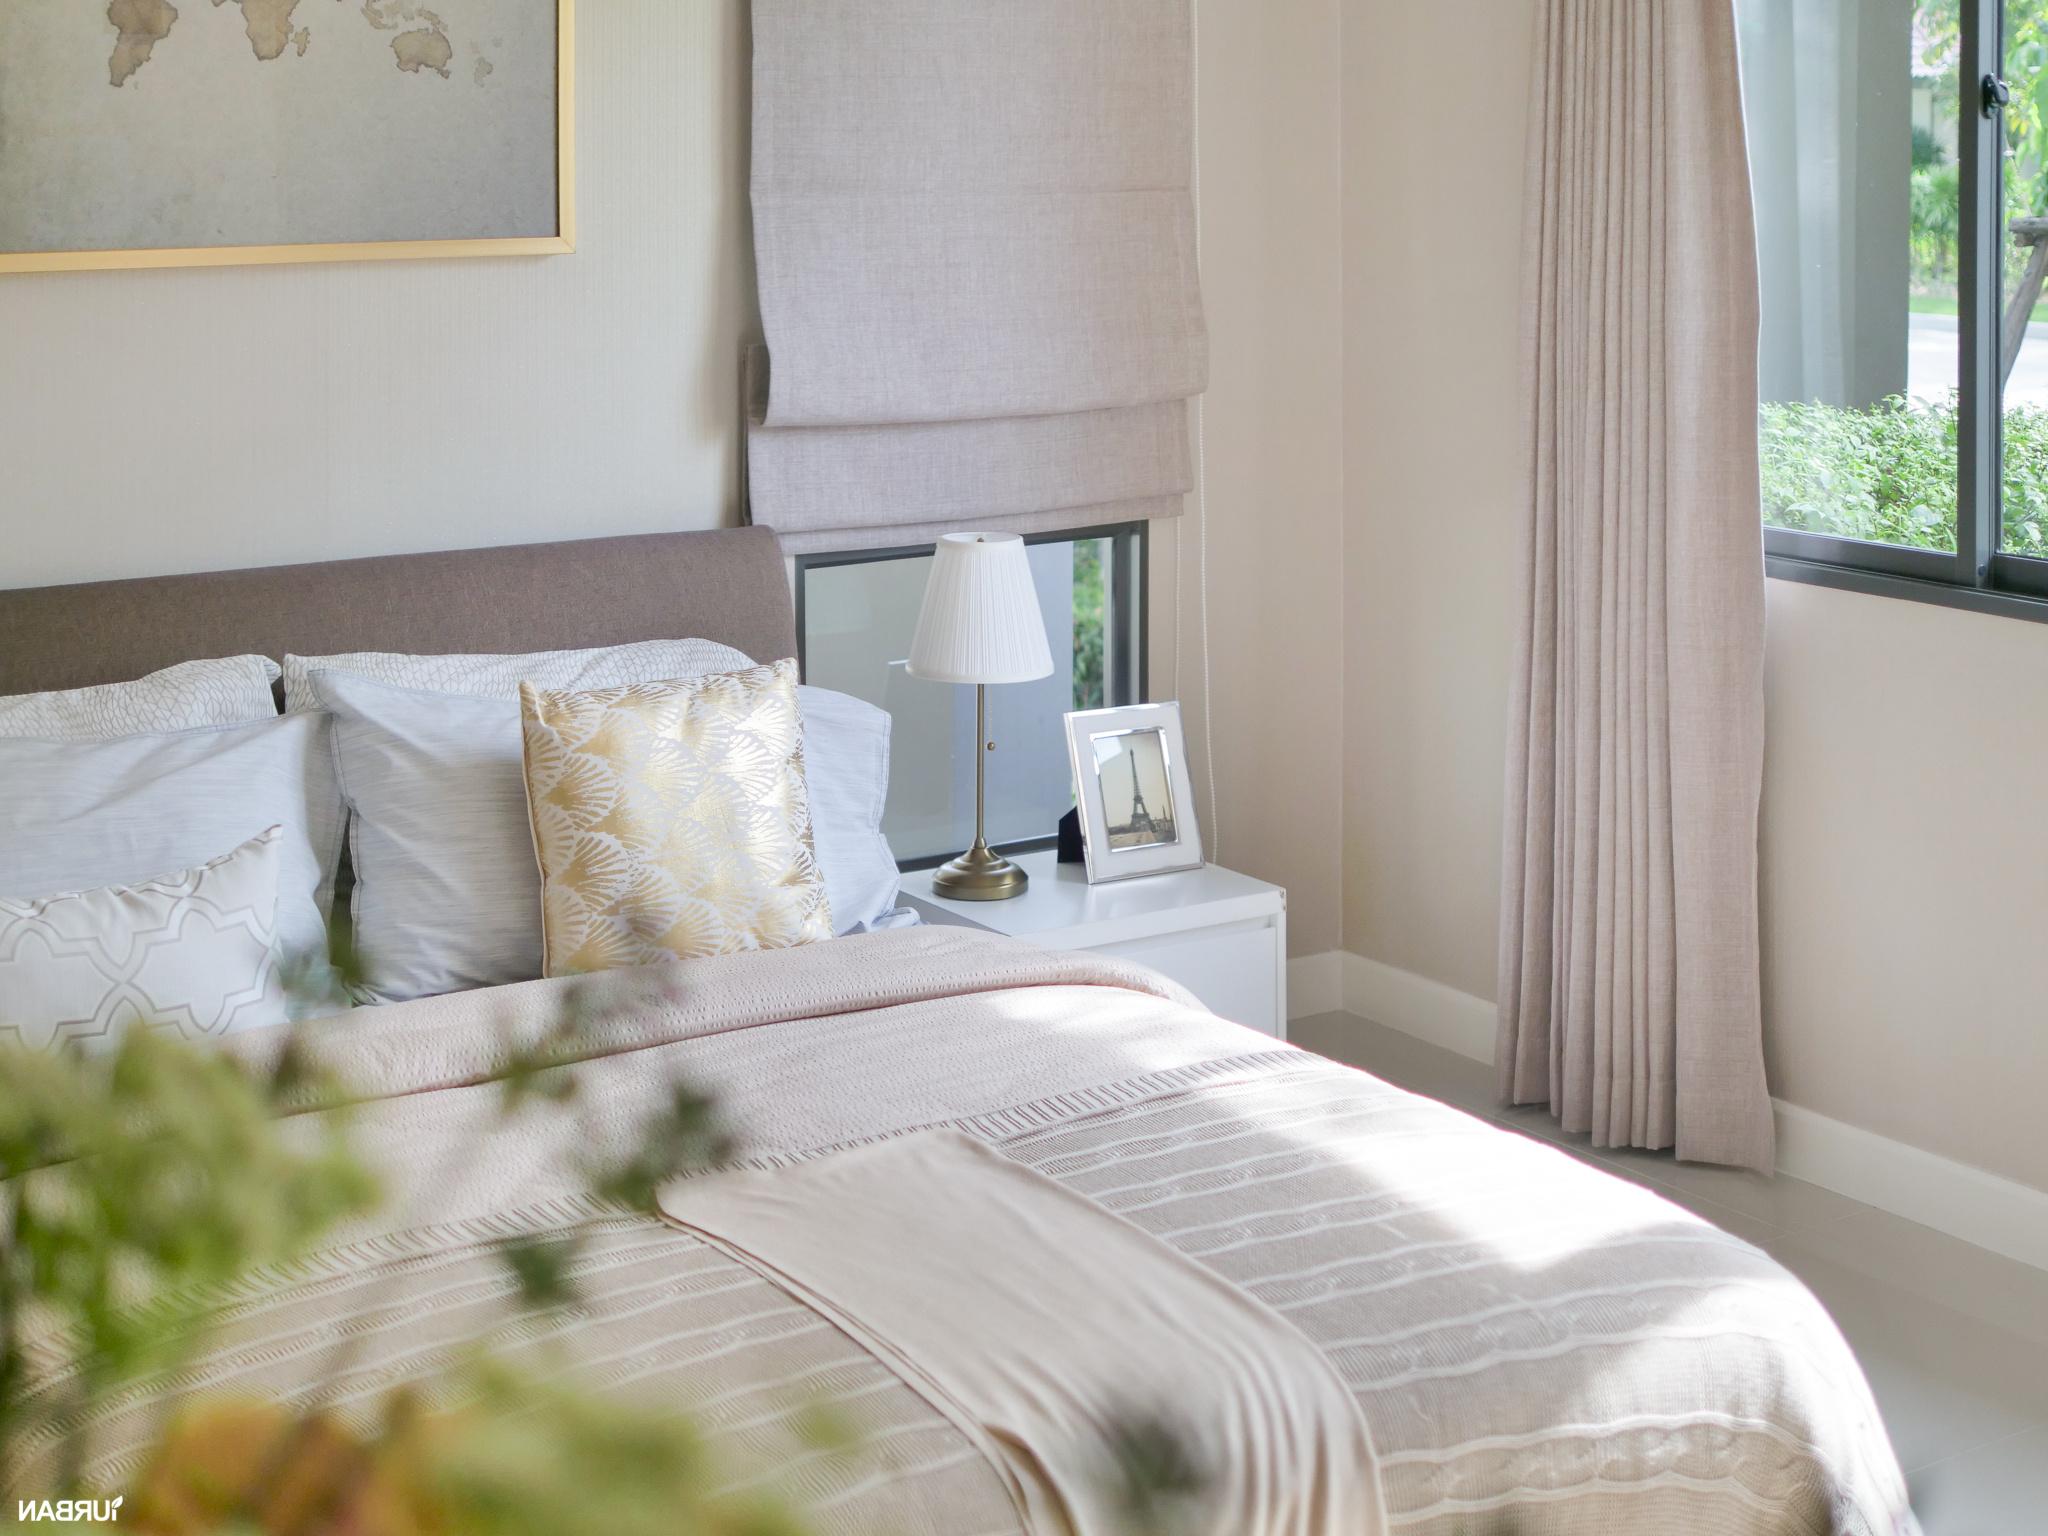 """รีวิว """"ฮาบิเทีย พาร์ค เทียนทะเล 28"""" ที่ดิน 100 ตร.ว. ทำเลพระราม 2 จากแสนสิริ 202 - 4 Bedrooms"""